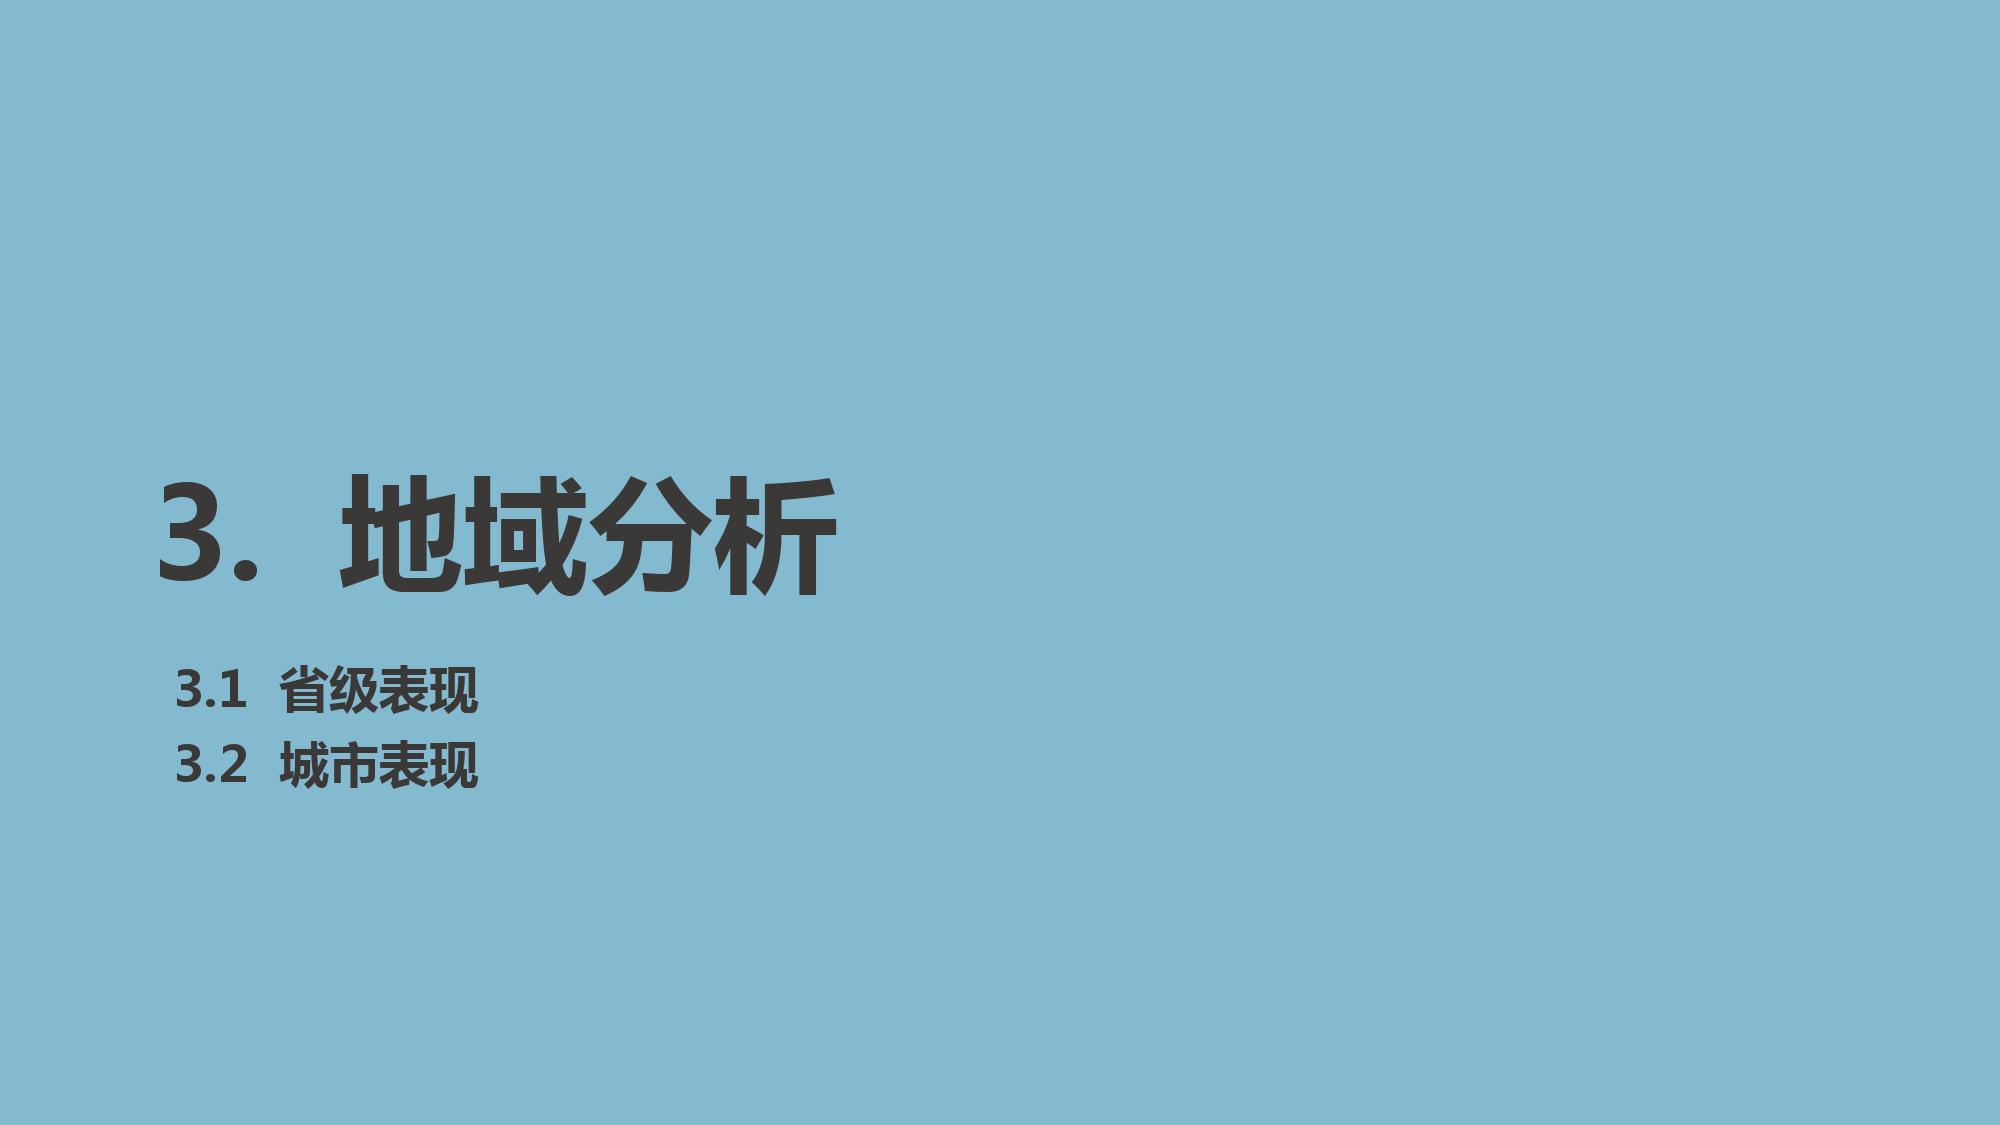 2015年度中国电影产业报告_000038